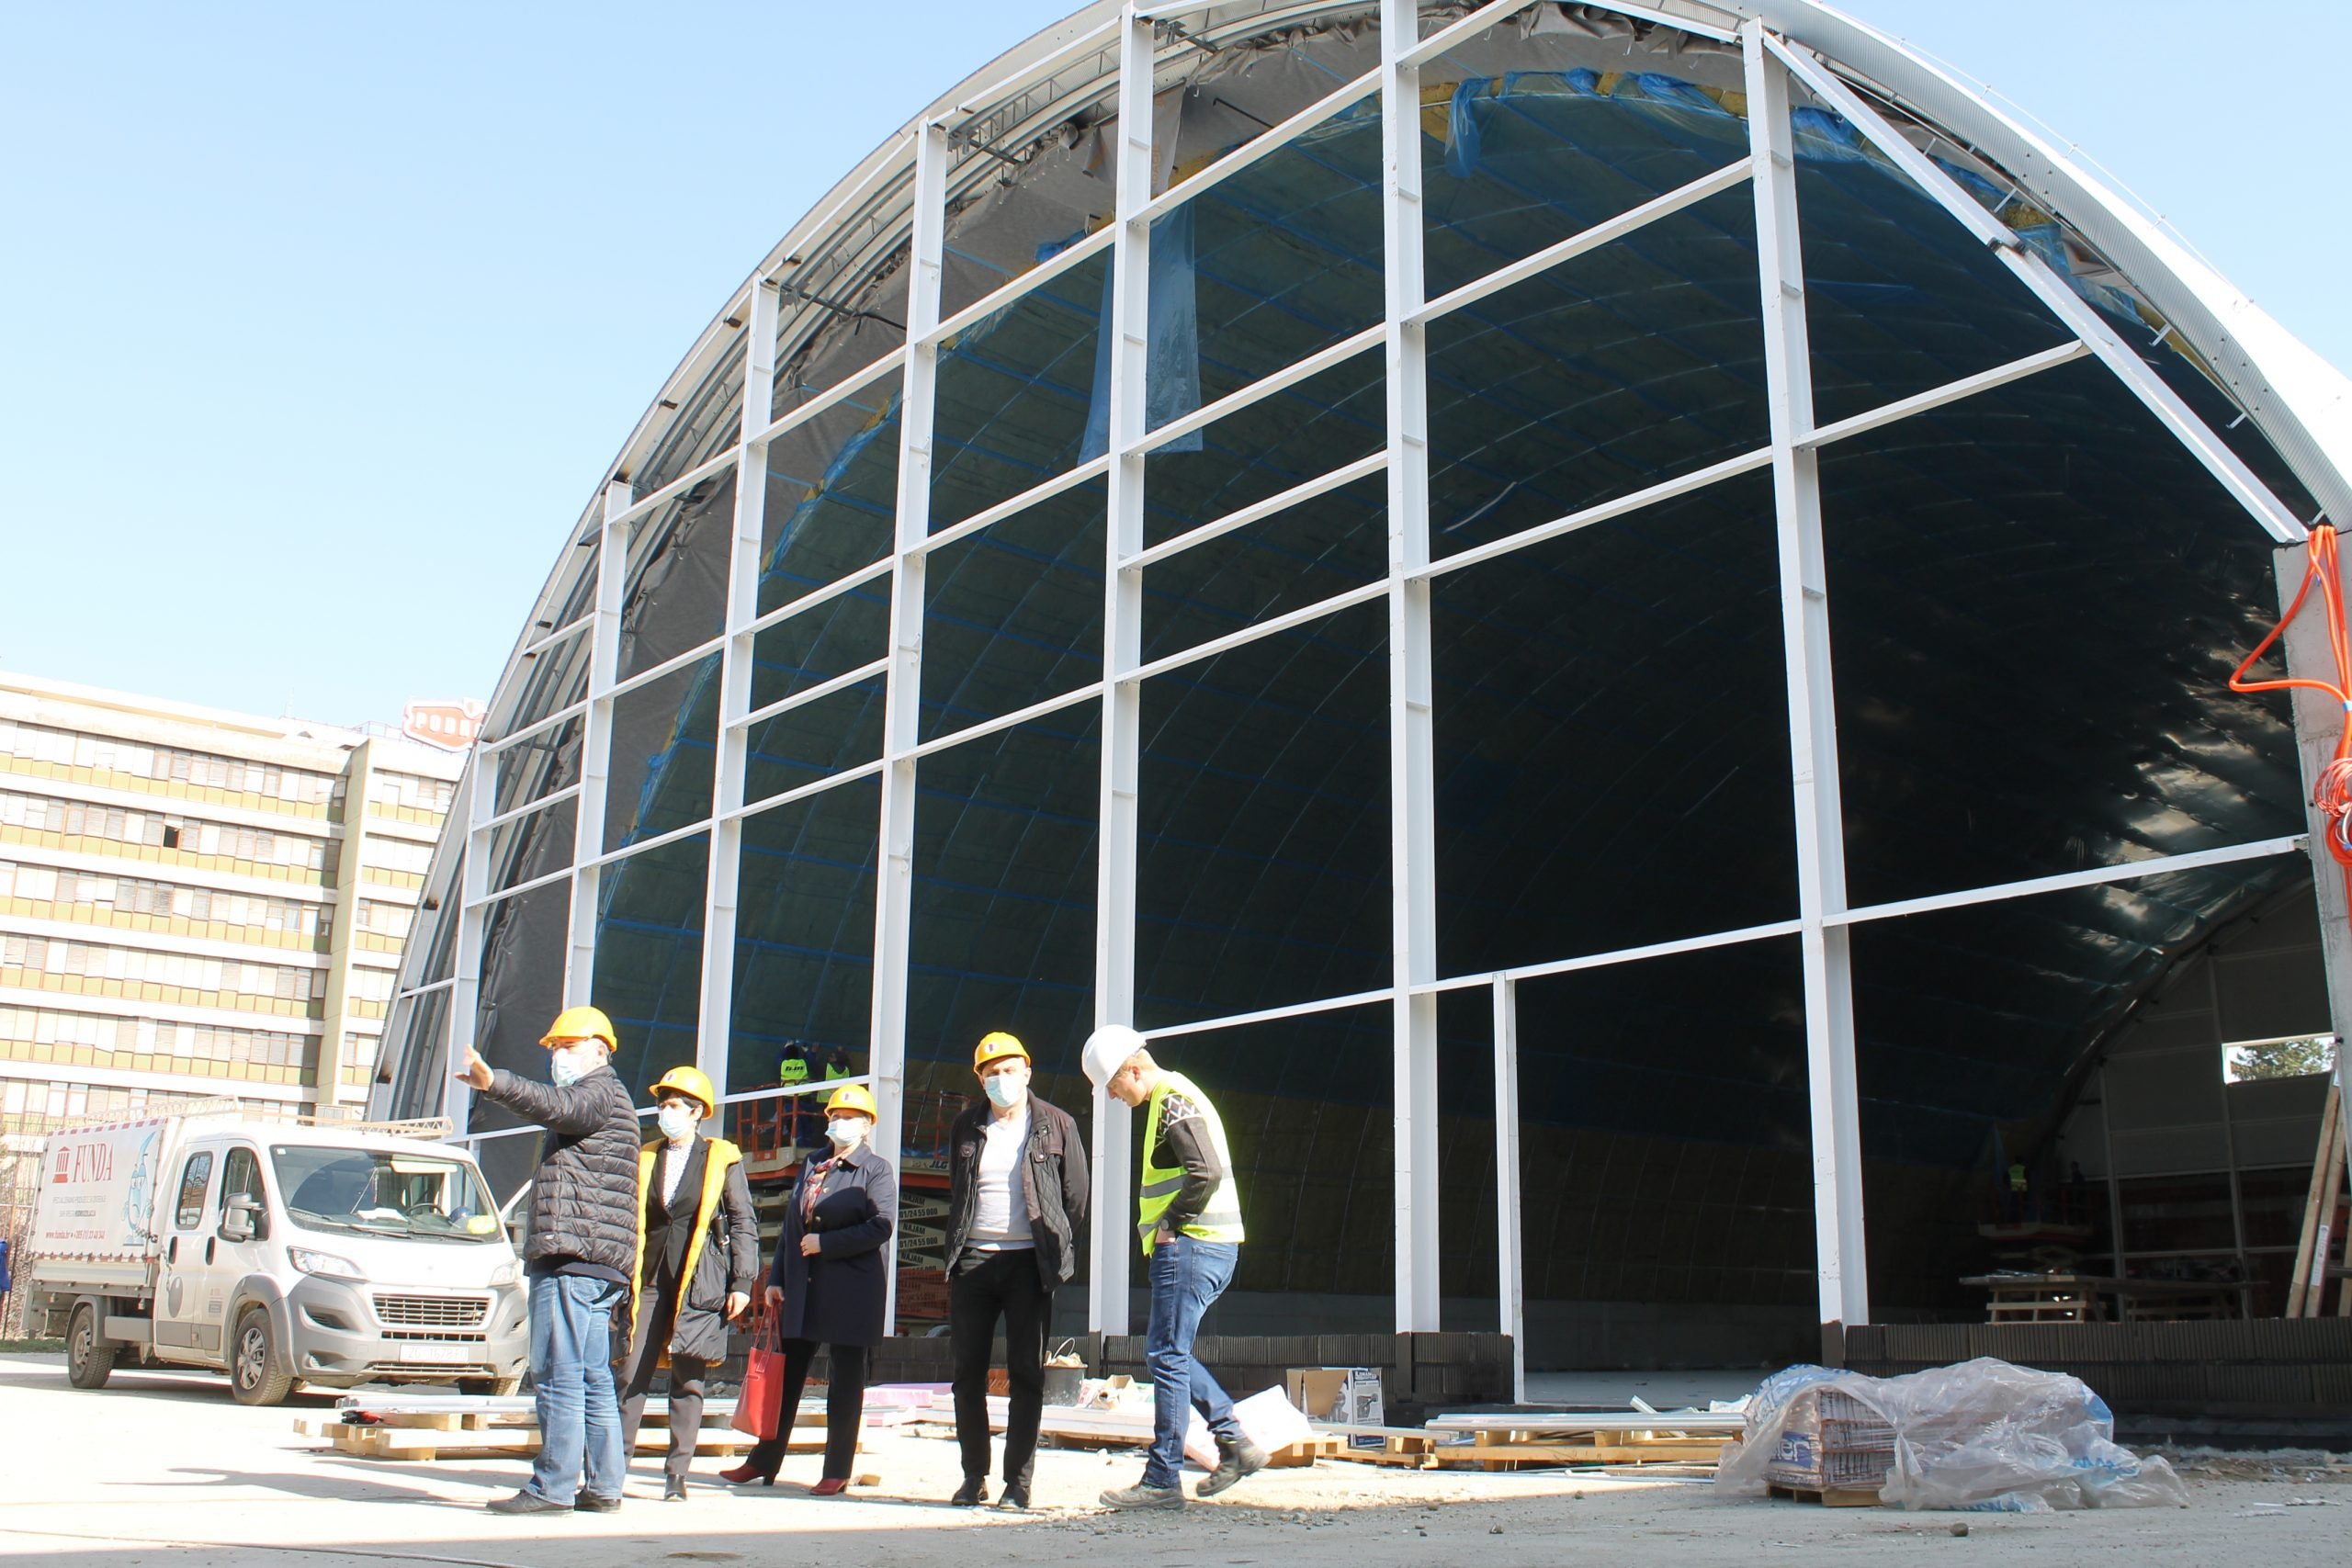 Radovi na sportskoj dvorani kod OŠ Đuro Ester napreduju prema planu, gradilište obišli članovi Uprave Komunalca